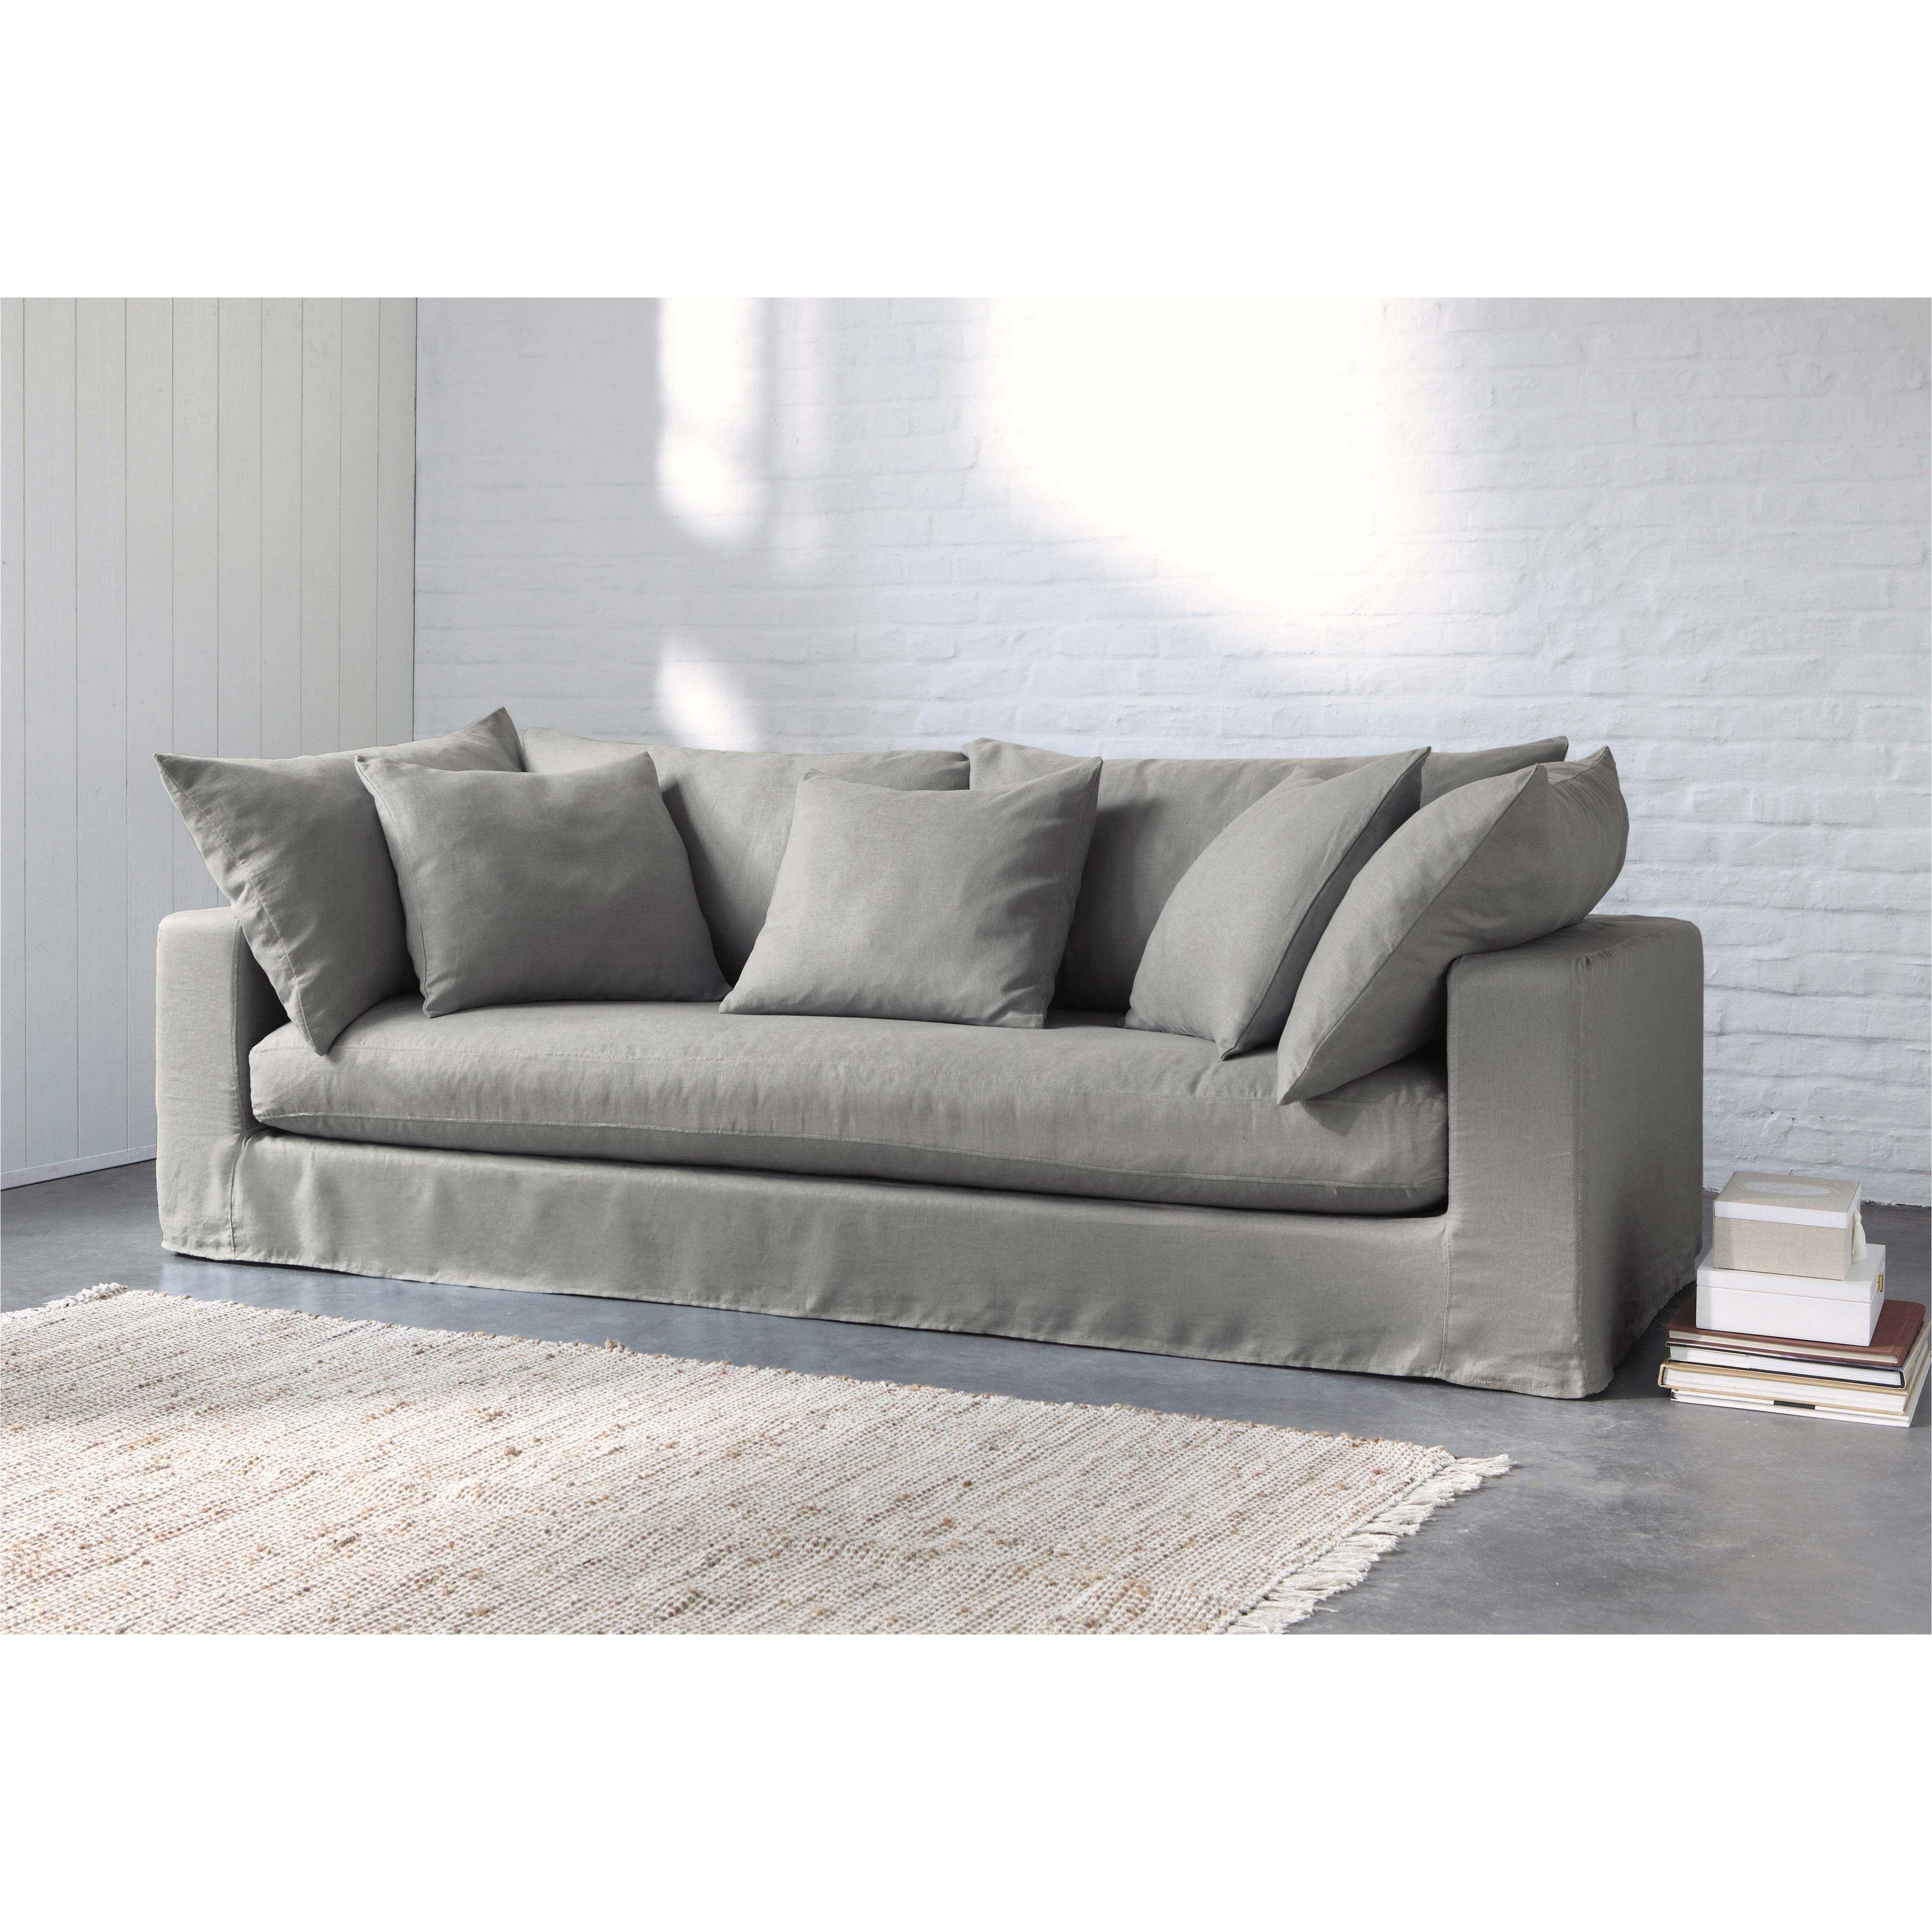 sofa 3 plazas de lino lavado gris claro gaspard maisons du monde